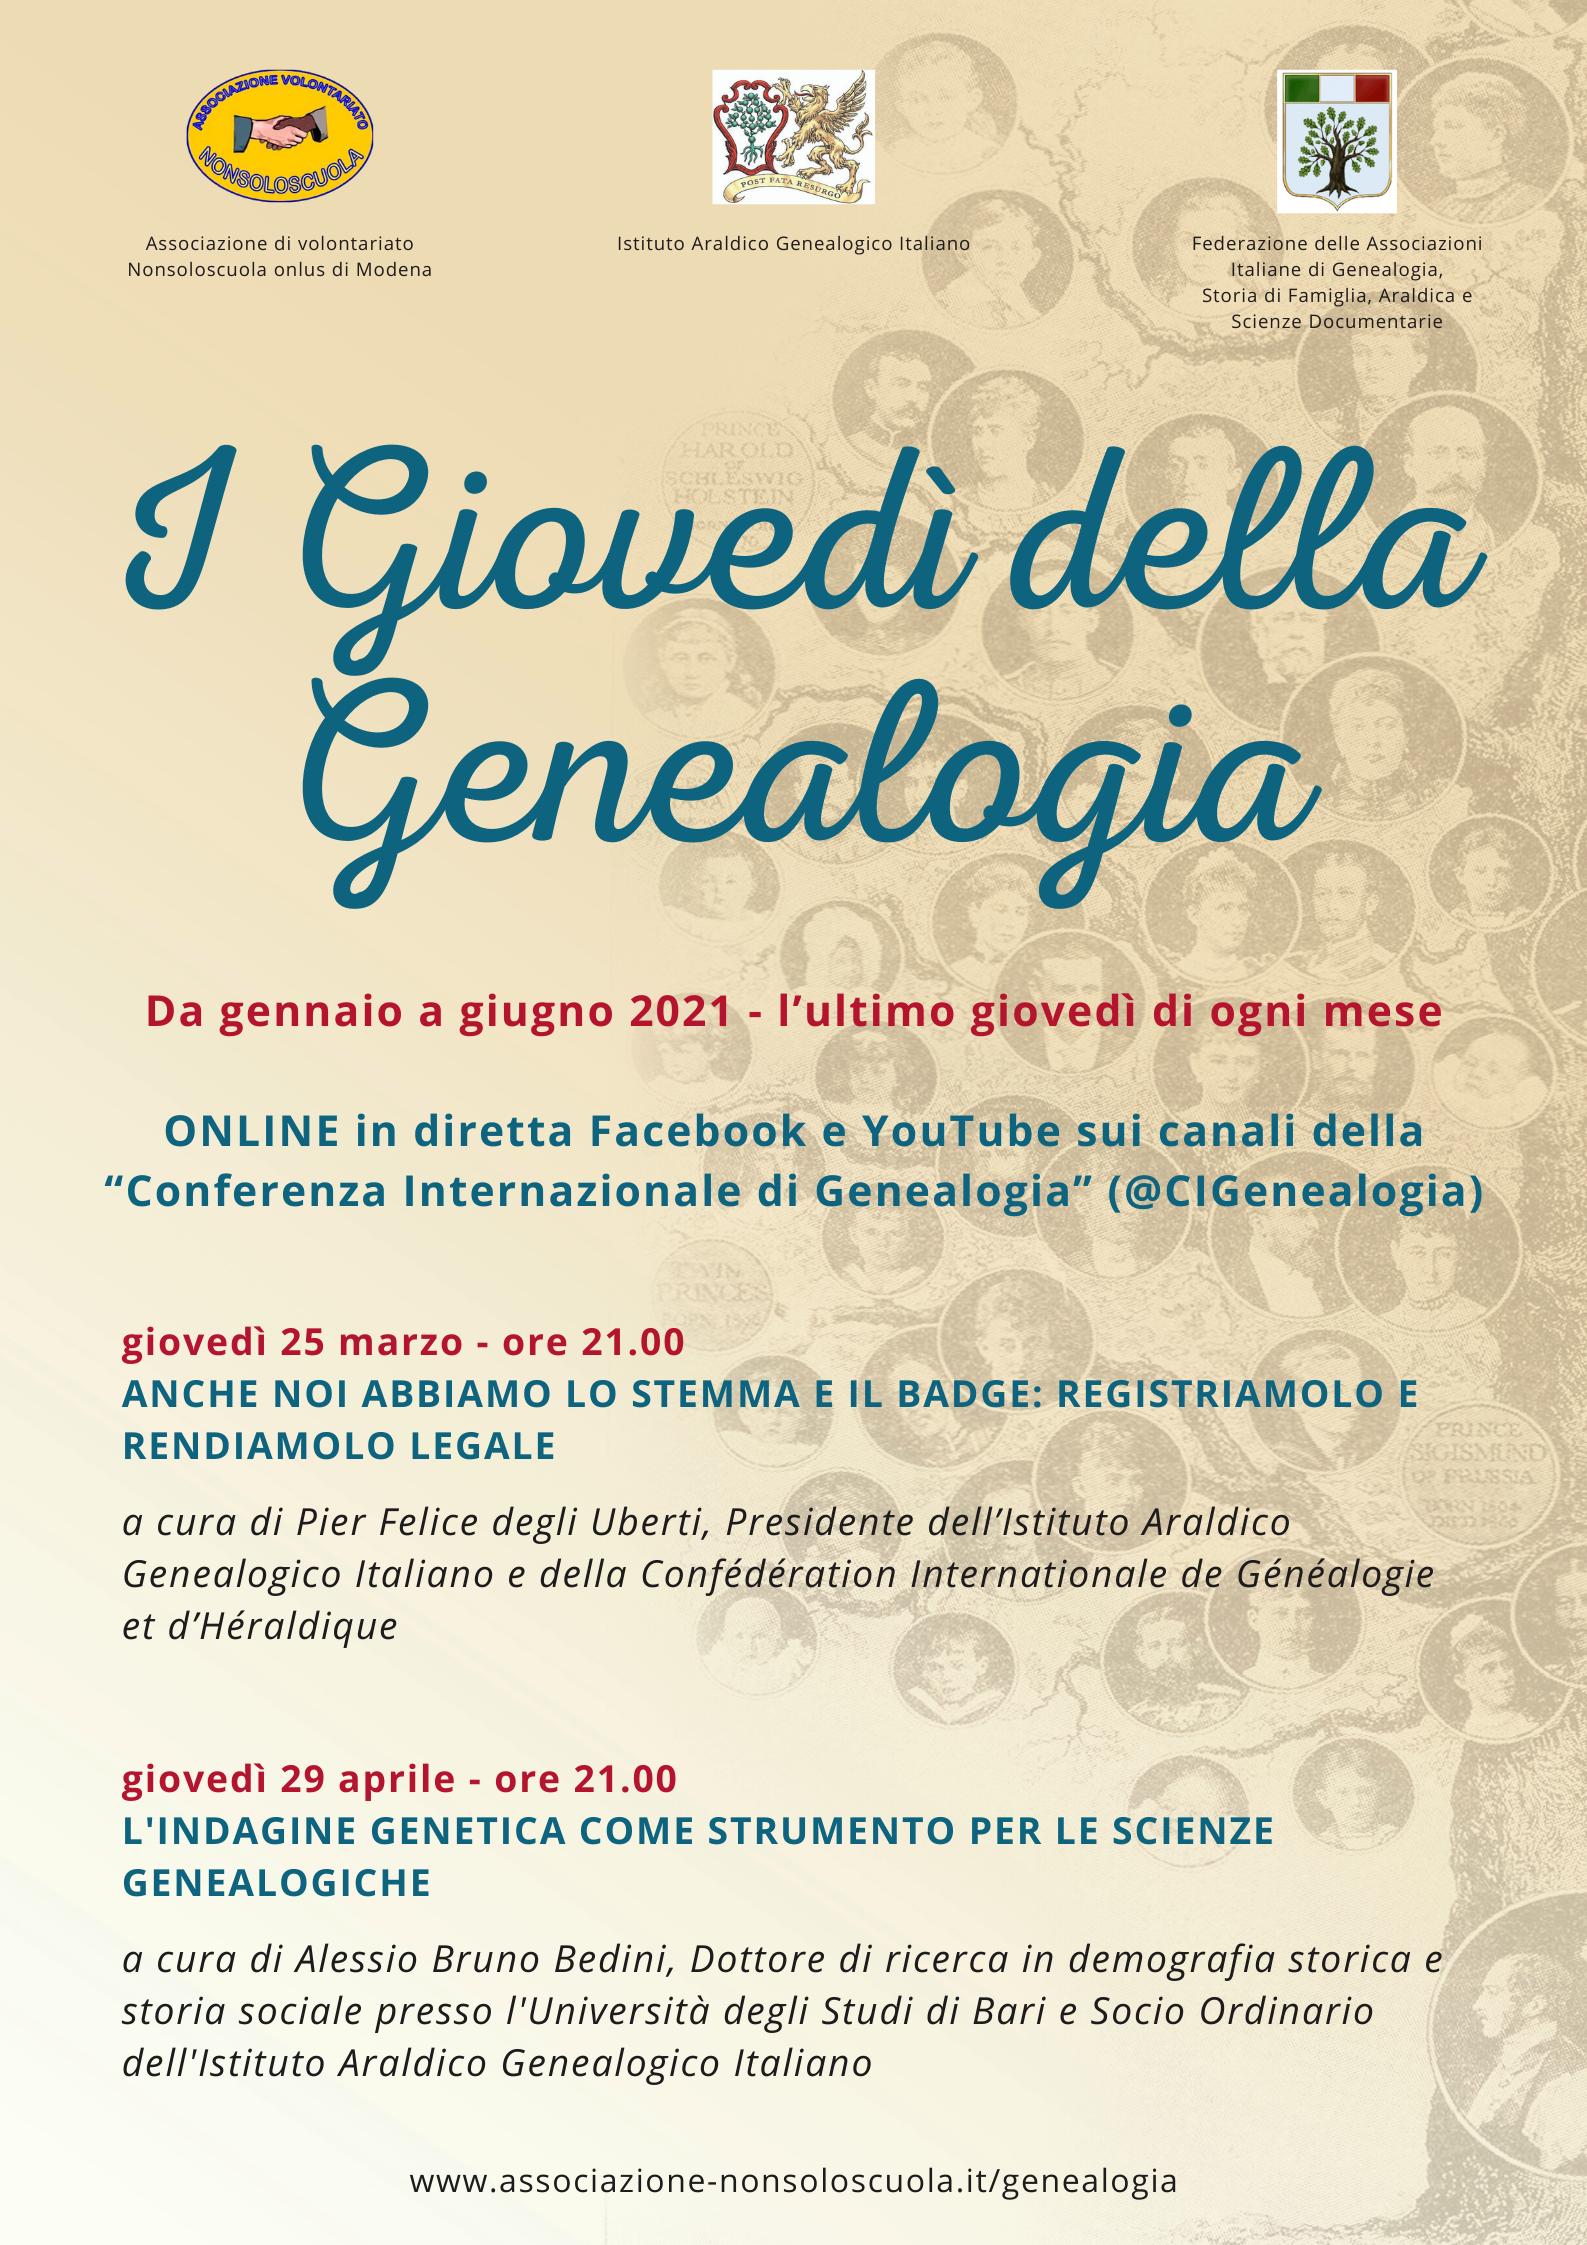 giovedì della genealogia mese della genealogia modena